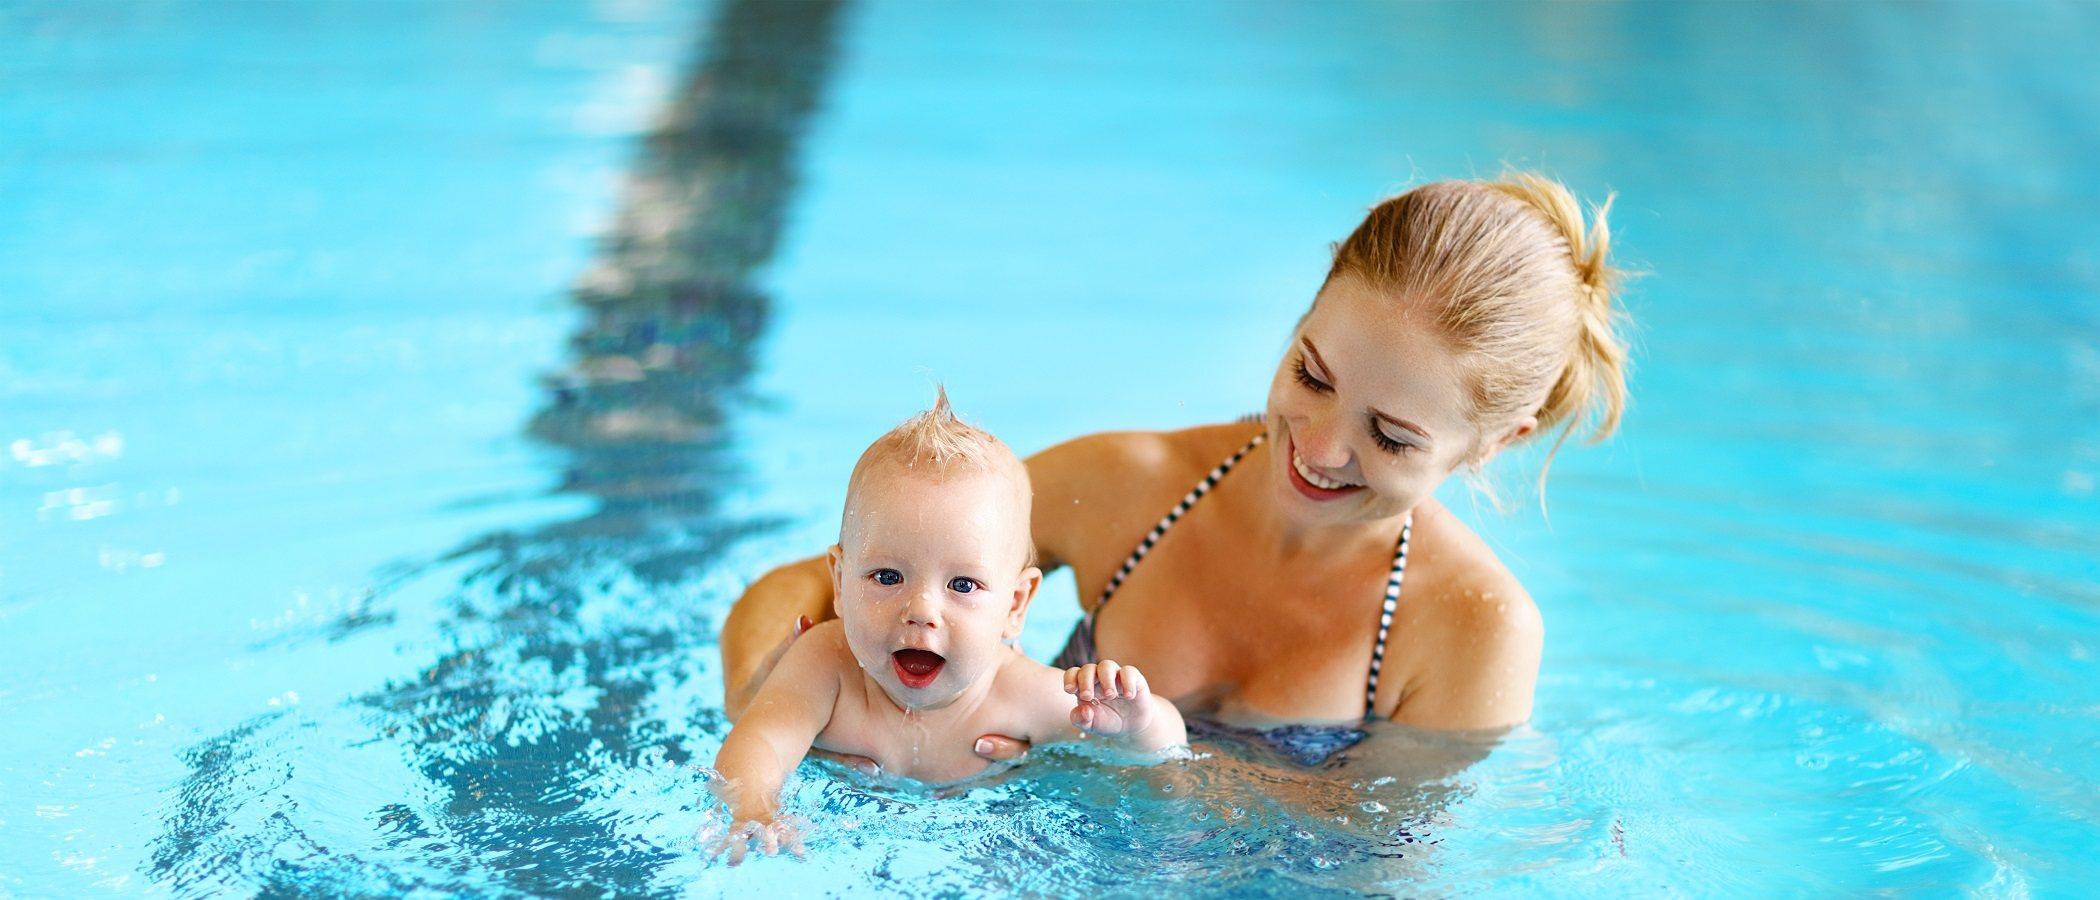 Cuándo se debe bañar un bebé en una piscina